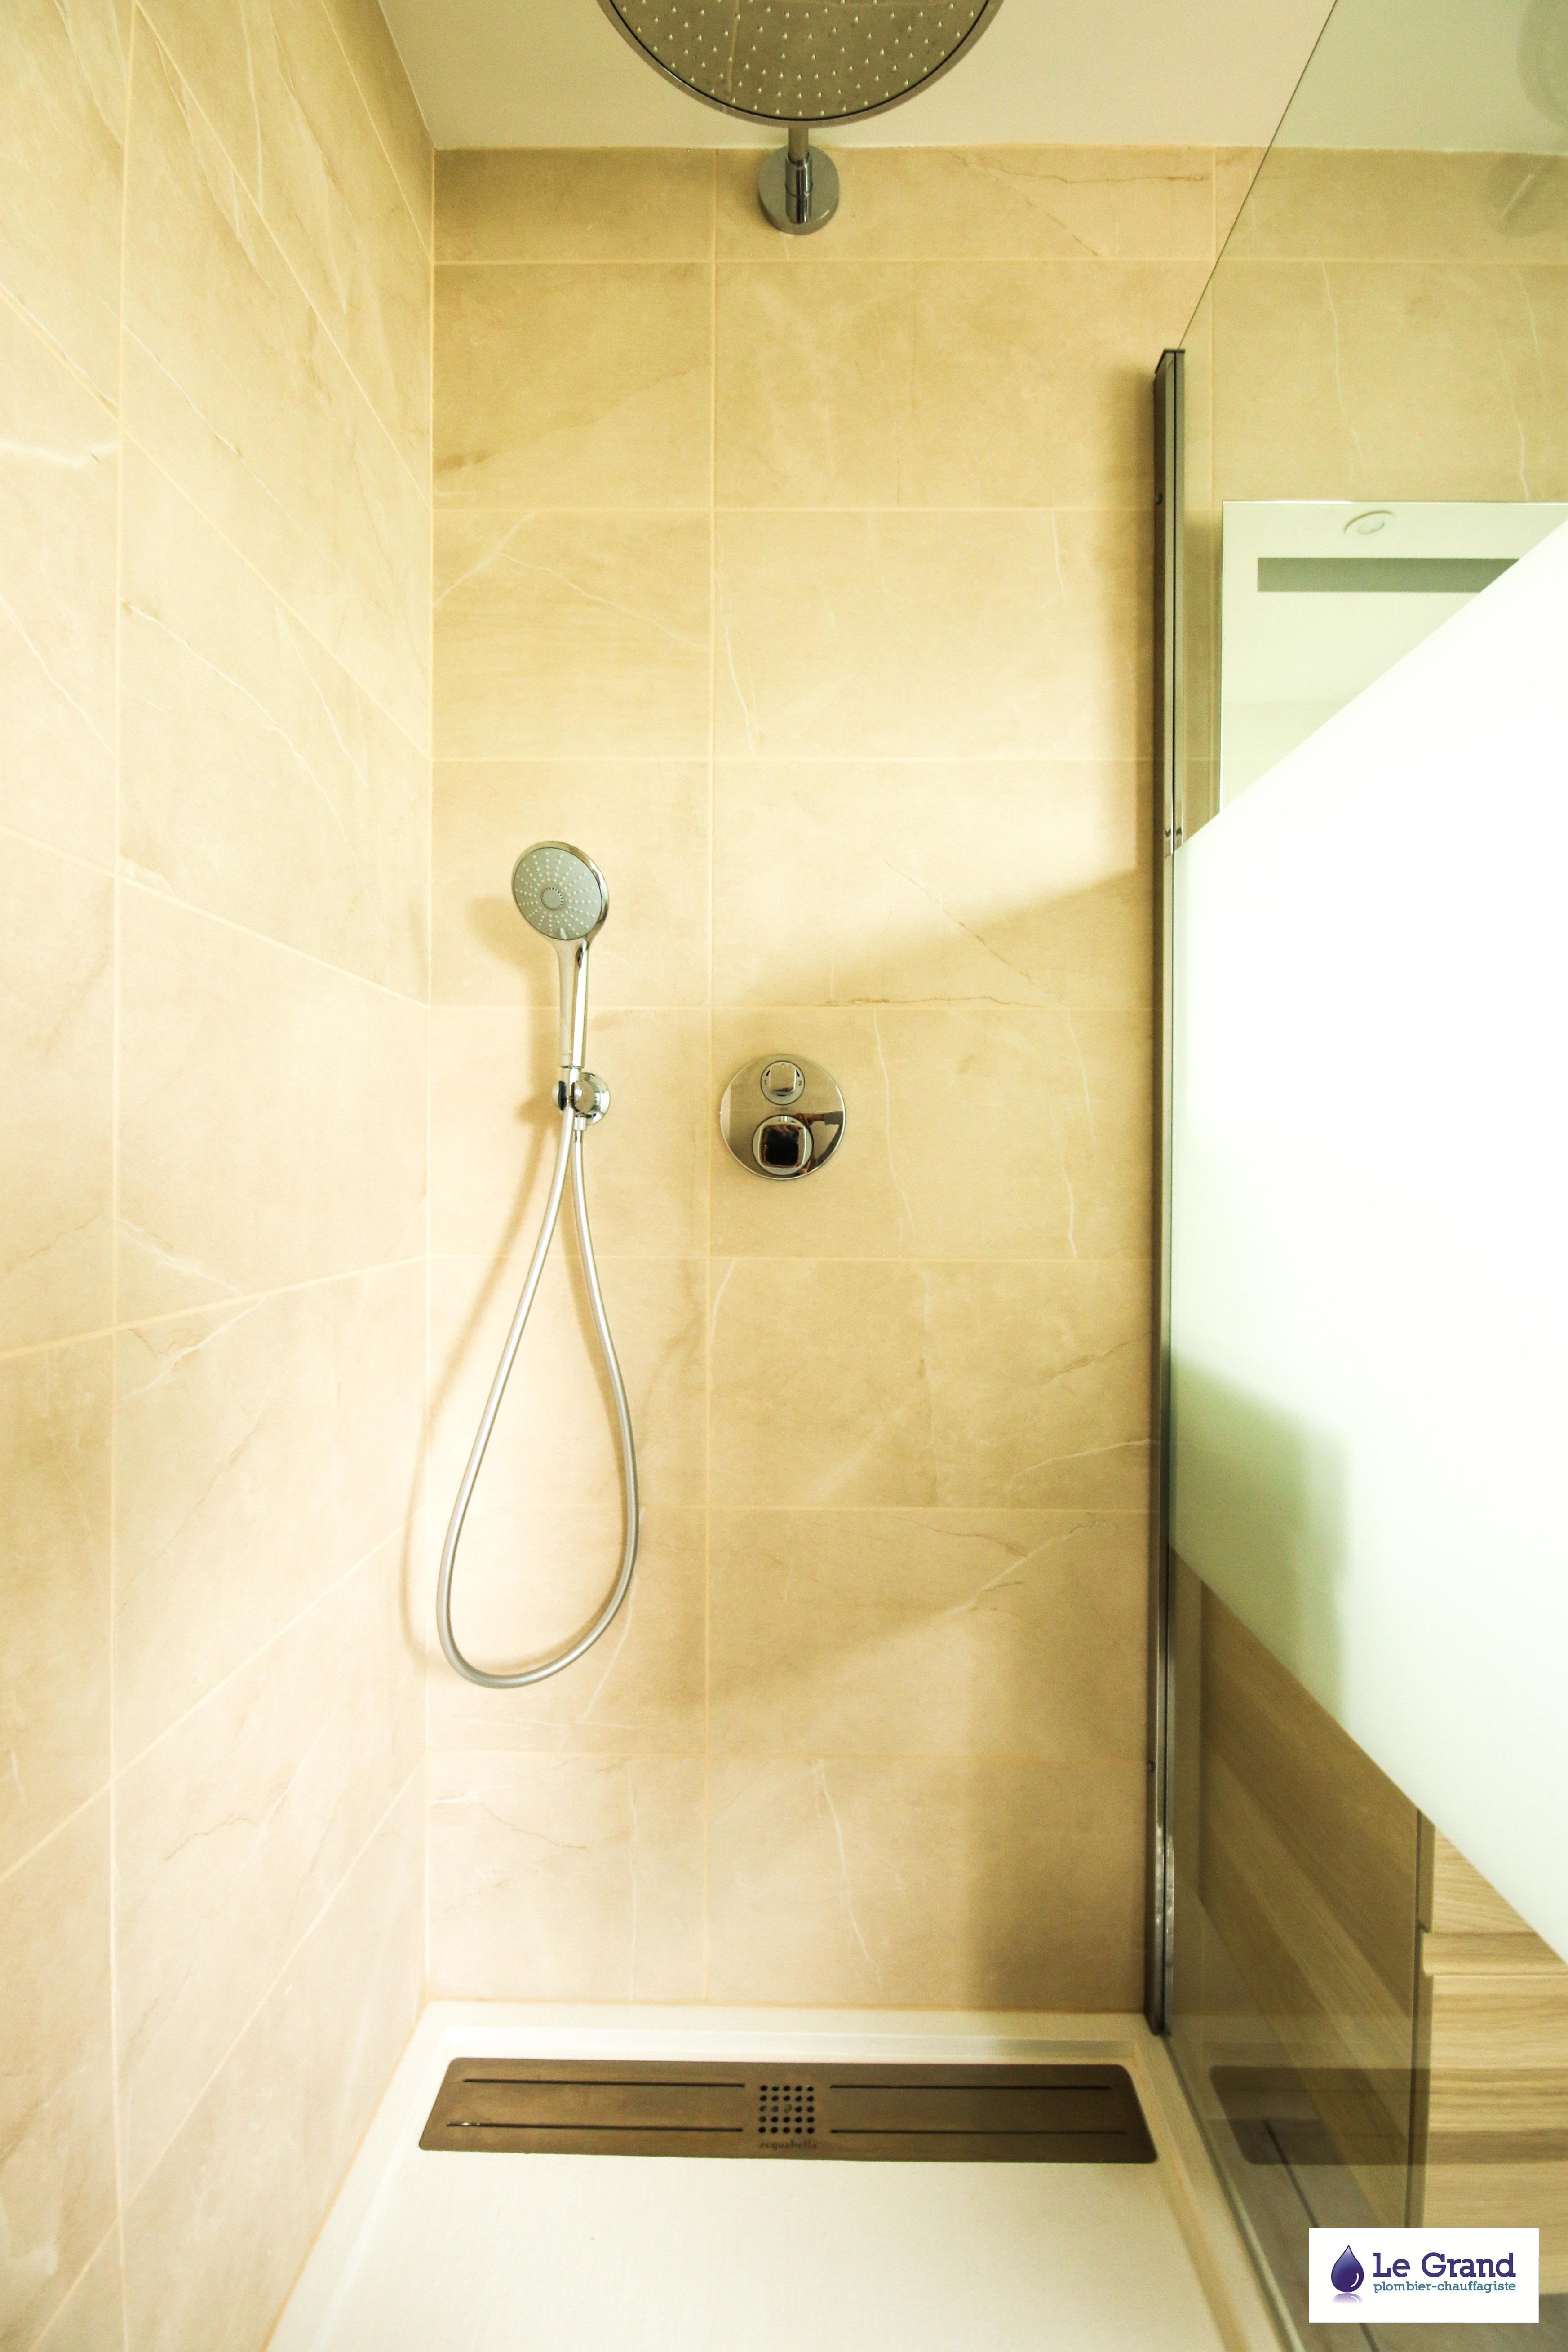 receveur acquabella top cool receveur de douche carreler ou en rsine salle de bain sanitaire. Black Bedroom Furniture Sets. Home Design Ideas